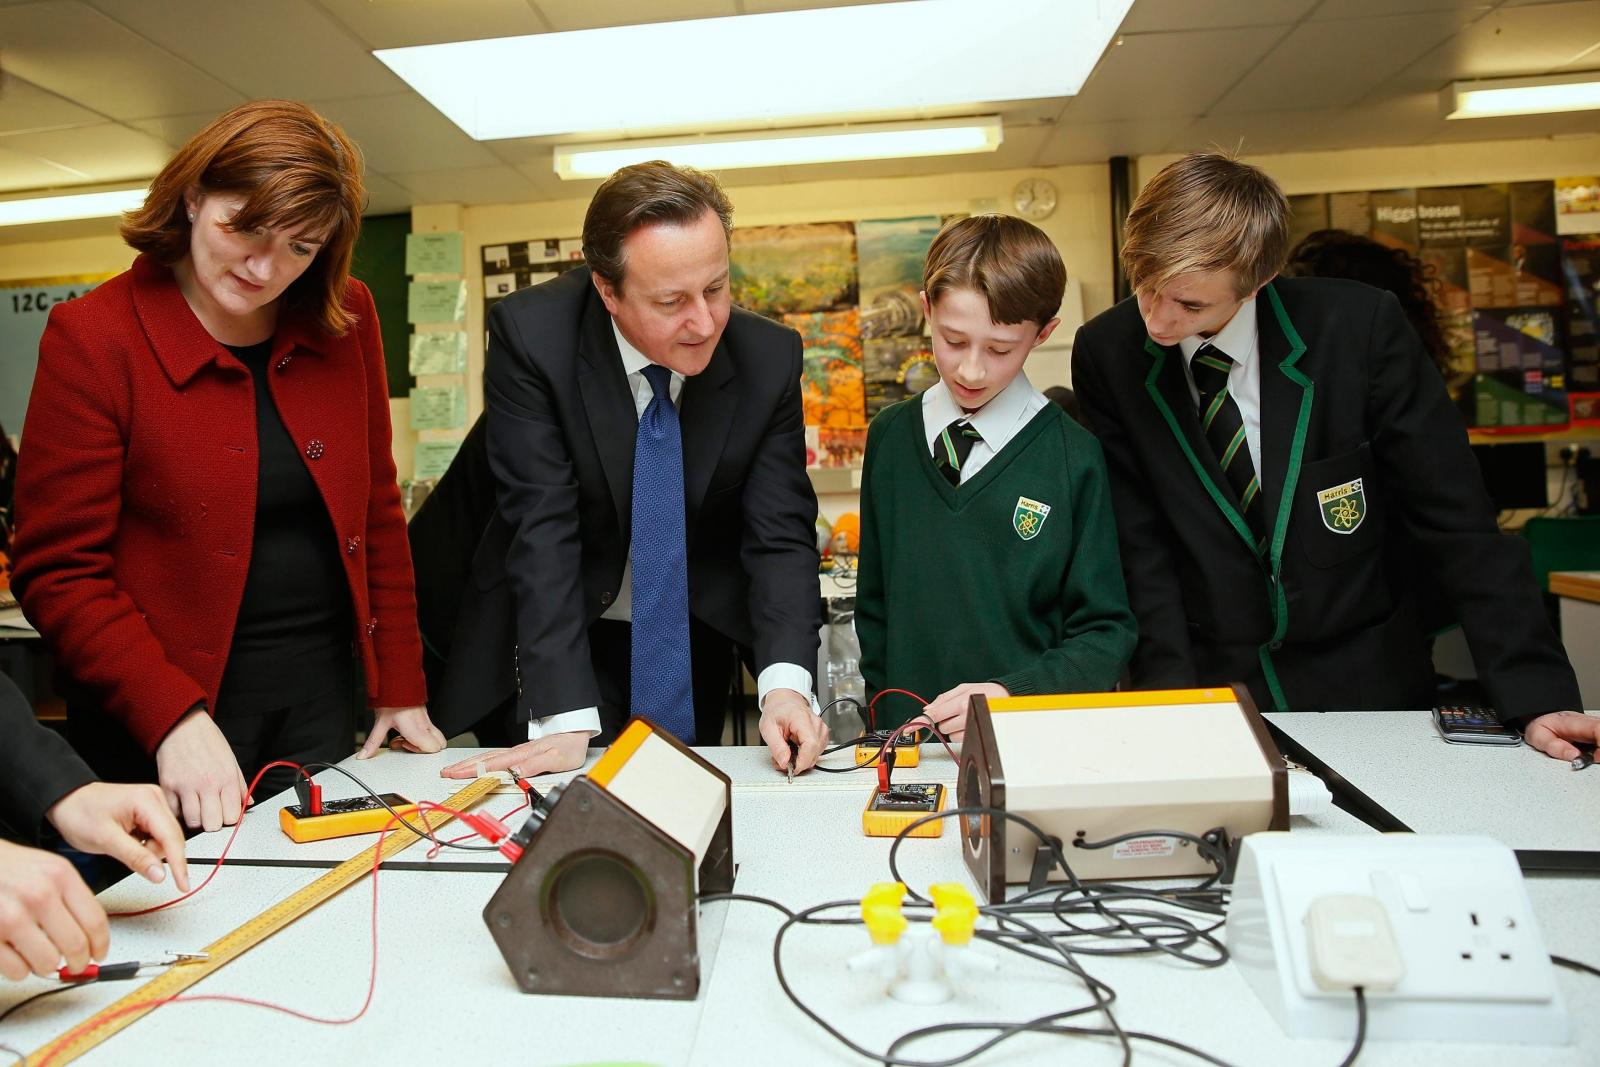 David Cameron and Nicky Morgan